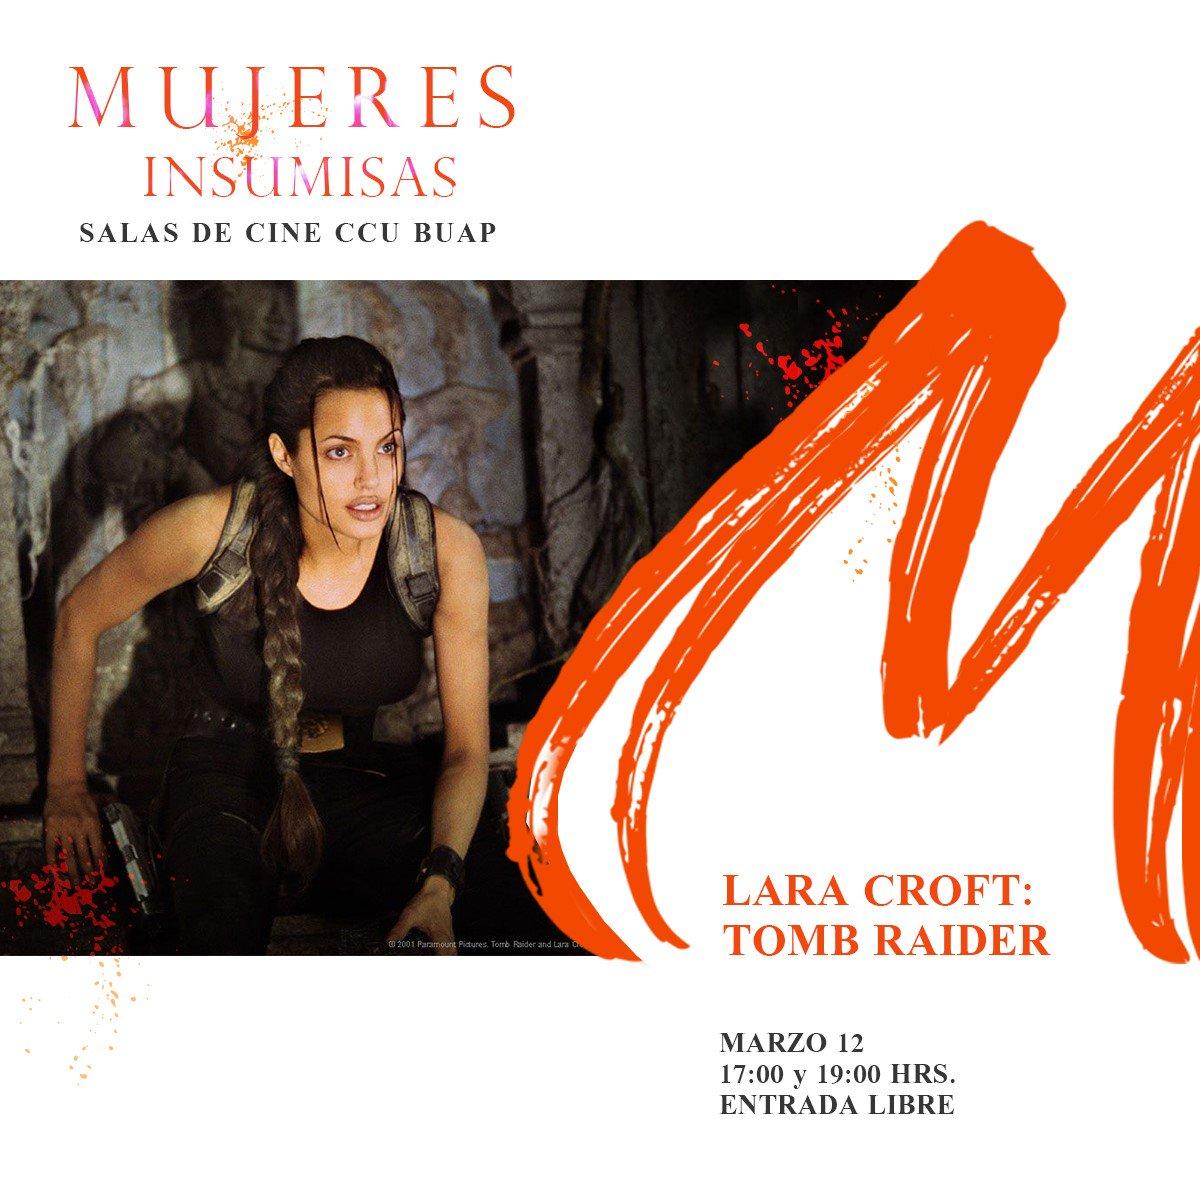 Una tarde de Lara Croft 💪  17:00 y 19:00...